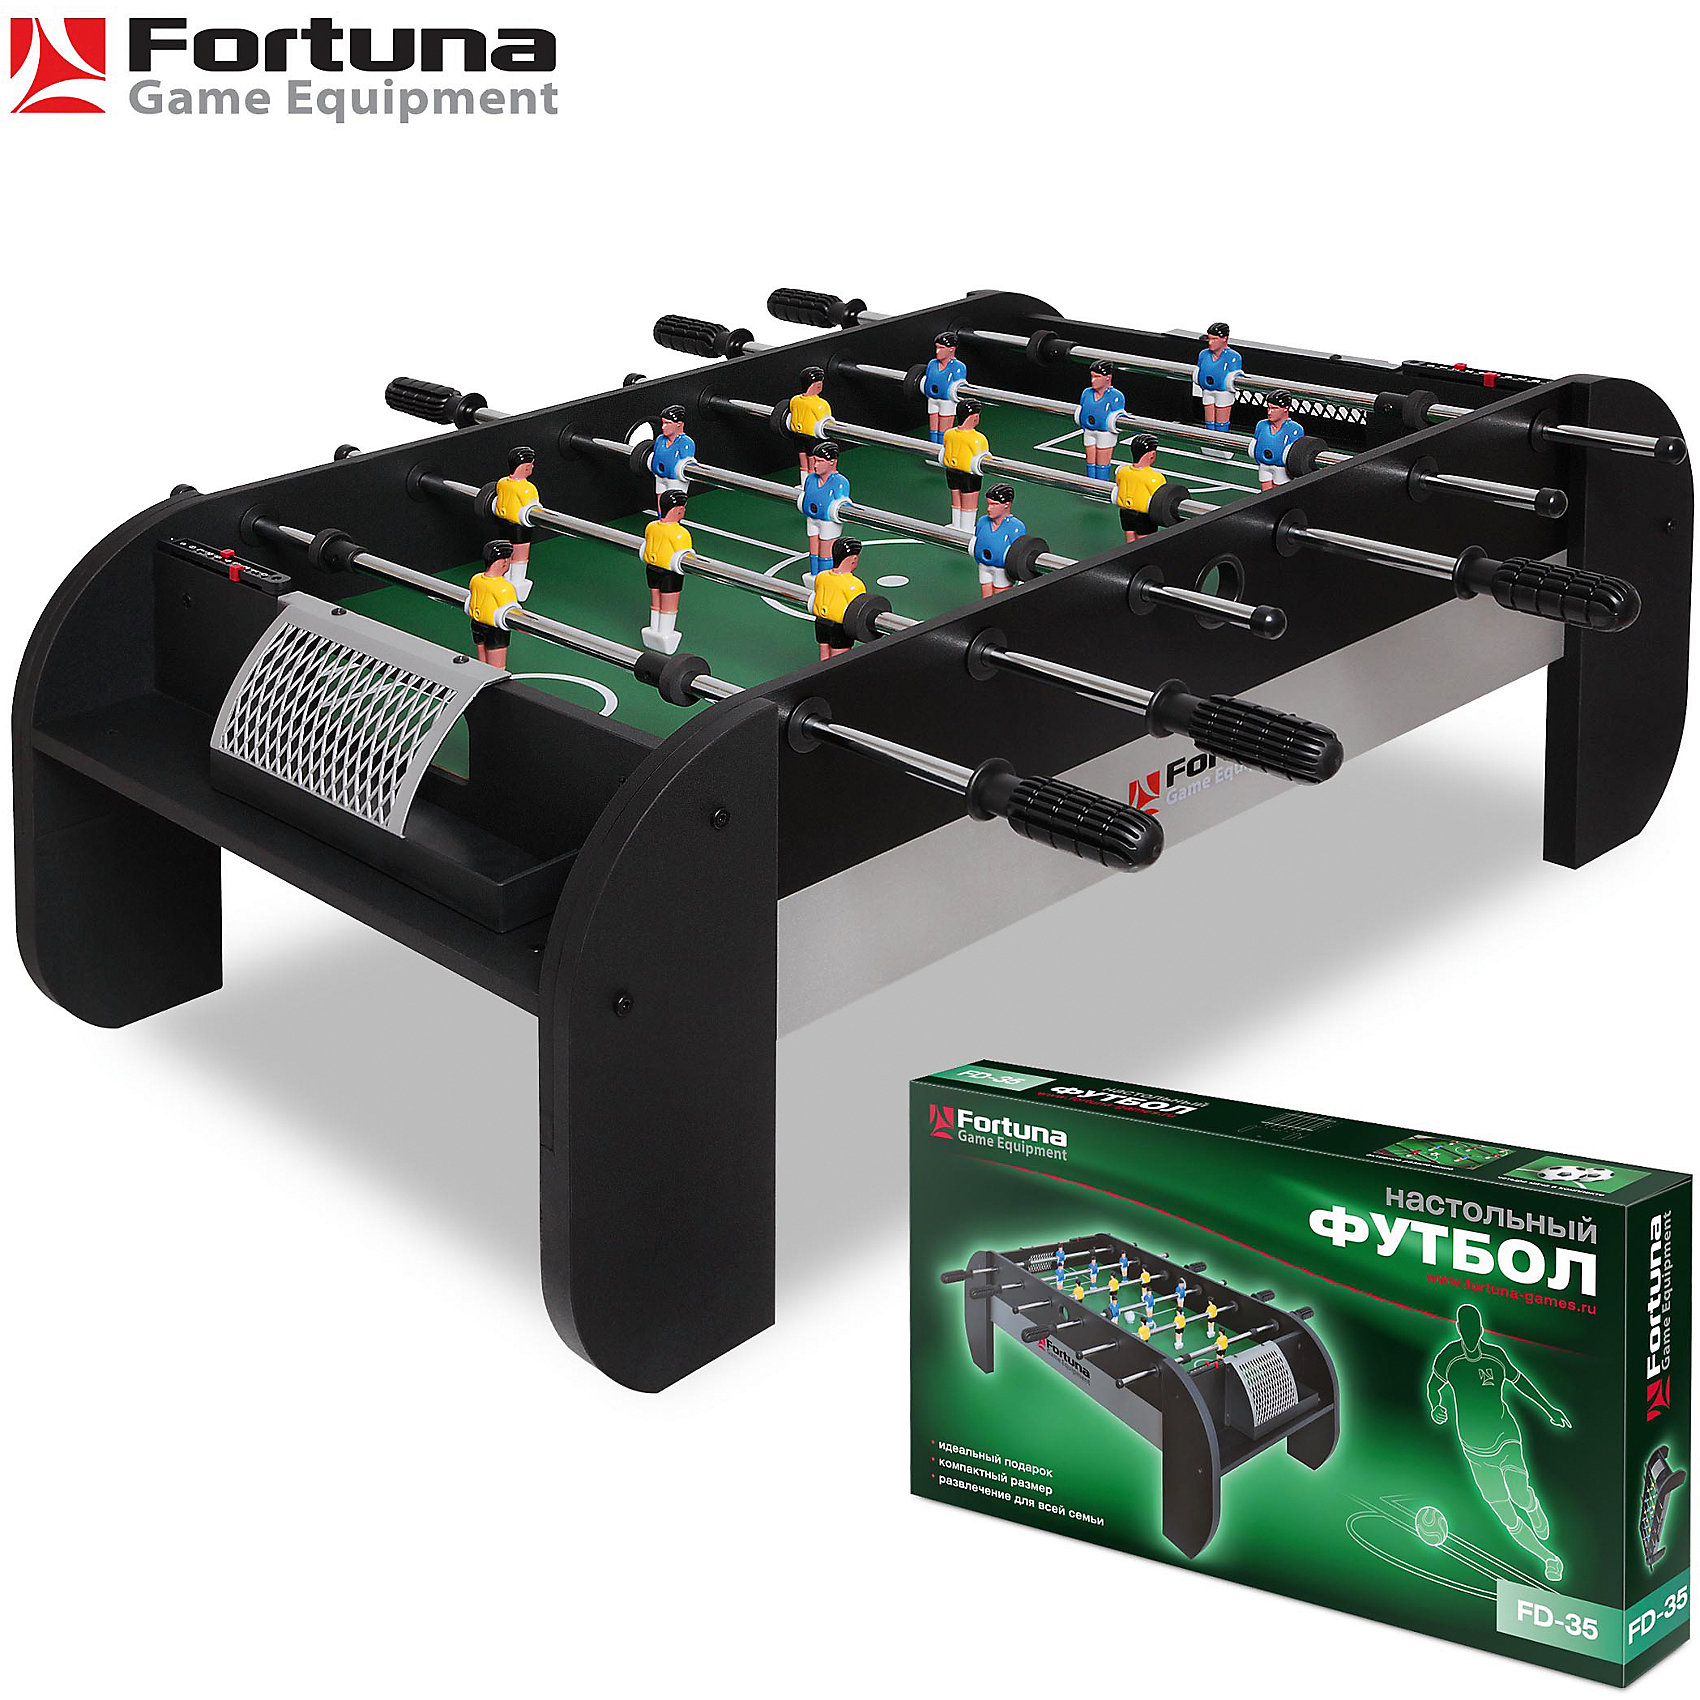 Настольный футбол-кикер, FD-35, 97х54х35 см, FortunaСпортивные настольные игры<br>Настольный футбол-кикер, FD-35<br><br>Характеристики игрового набора Fortuna Game Equipment:<br><br>• размер стола в собранном виде: 97х54х35 см;<br>• вес: 10,14 кг<br>• размер игрового поля: 77х49 см;<br>• не регулируется по высоте;<br>• мячи: 4 шт, диаметр 31 мм;<br>• материла корпуса + покрытие: МДФ/ПВХ;<br>• материал рукояток: резина;<br>• материал штанг: металл, количество штанг: 6 шт.;<br>• размер упаковки: 106х55х14 см;<br>• вес упаковки: 13,19 кг;<br>• упаковка: мастер-коробка, коммерческая коробка, МДФ, пенопласт, полиэтилен.<br><br>Настольный футбол-кикер, FD-35, 97х54х35 см, Fortuna можно купить в нашем интернет-магазине.<br><br>Ширина мм: 1006<br>Глубина мм: 140<br>Высота мм: 550<br>Вес г: 13190<br>Возраст от месяцев: 36<br>Возраст до месяцев: 2147483647<br>Пол: Унисекс<br>Возраст: Детский<br>SKU: 5032454